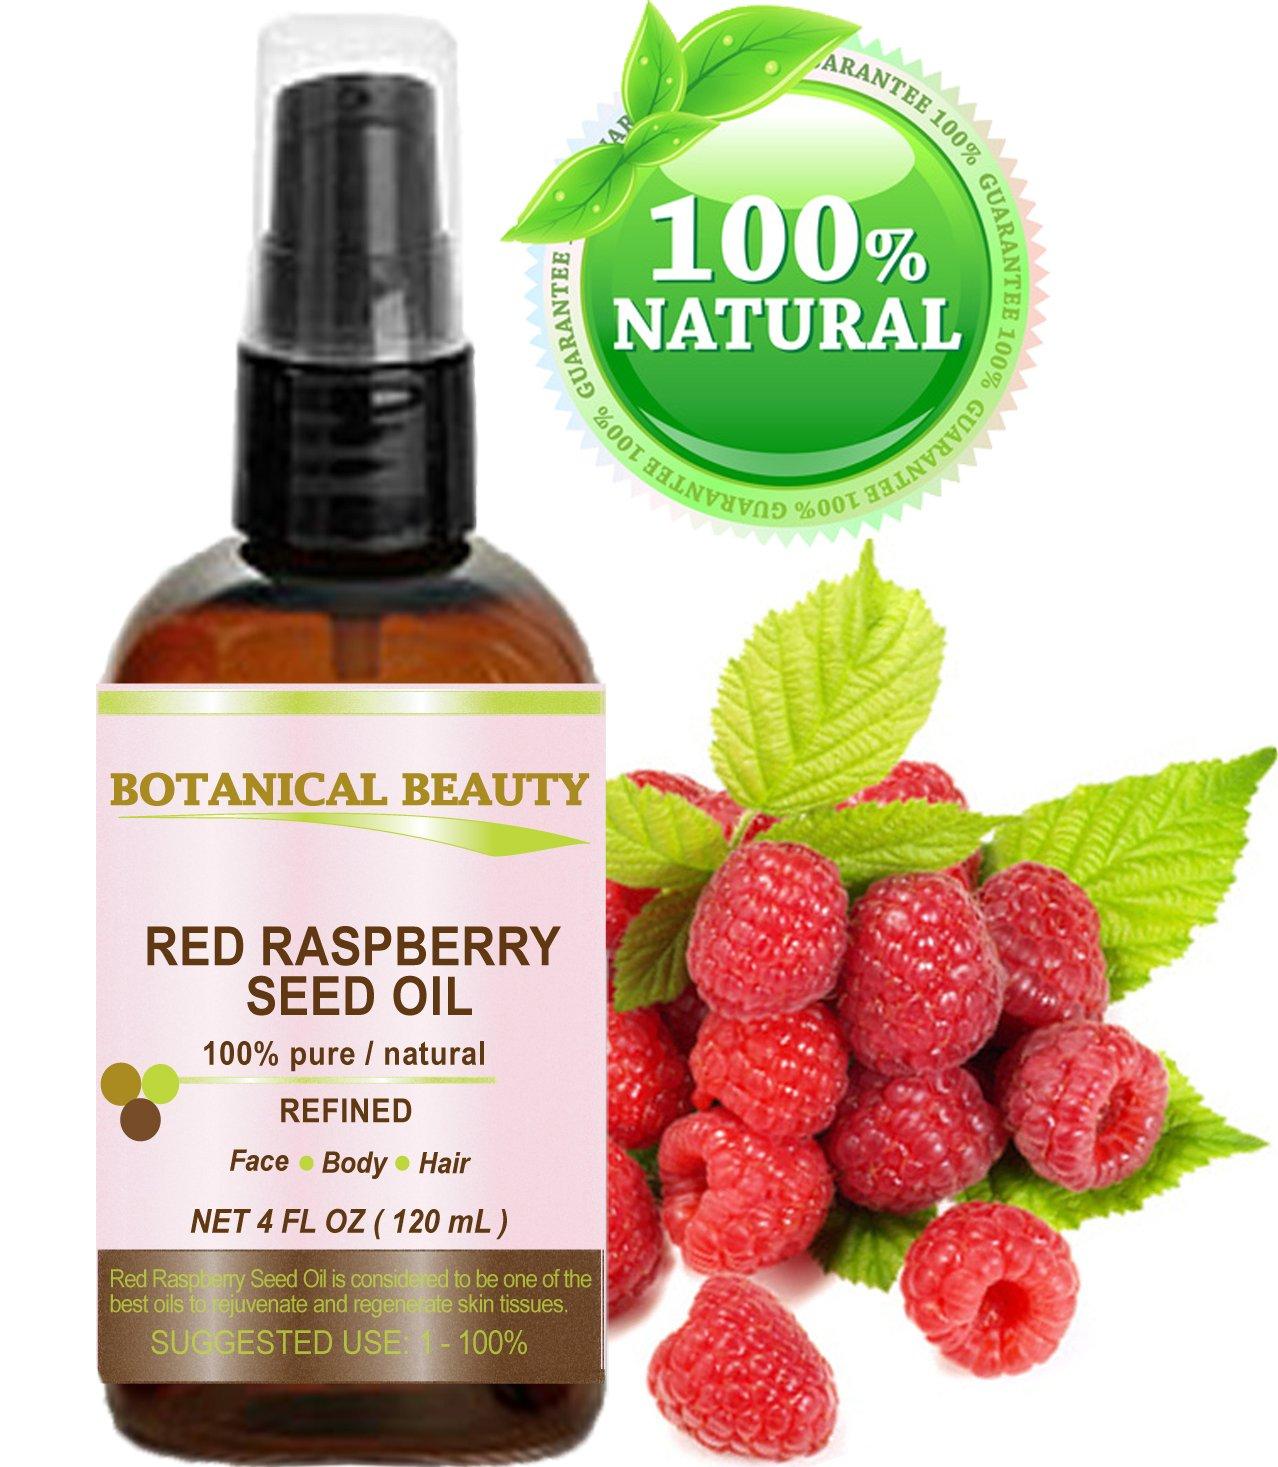 Botanical Beauty - Aceite de Semilla de Frambuesa Roja. 100% Puro / Natural / Sin Diluir / Prensado en Frío. 120ml. Para Cuidado de la Piel, Cabello, ...